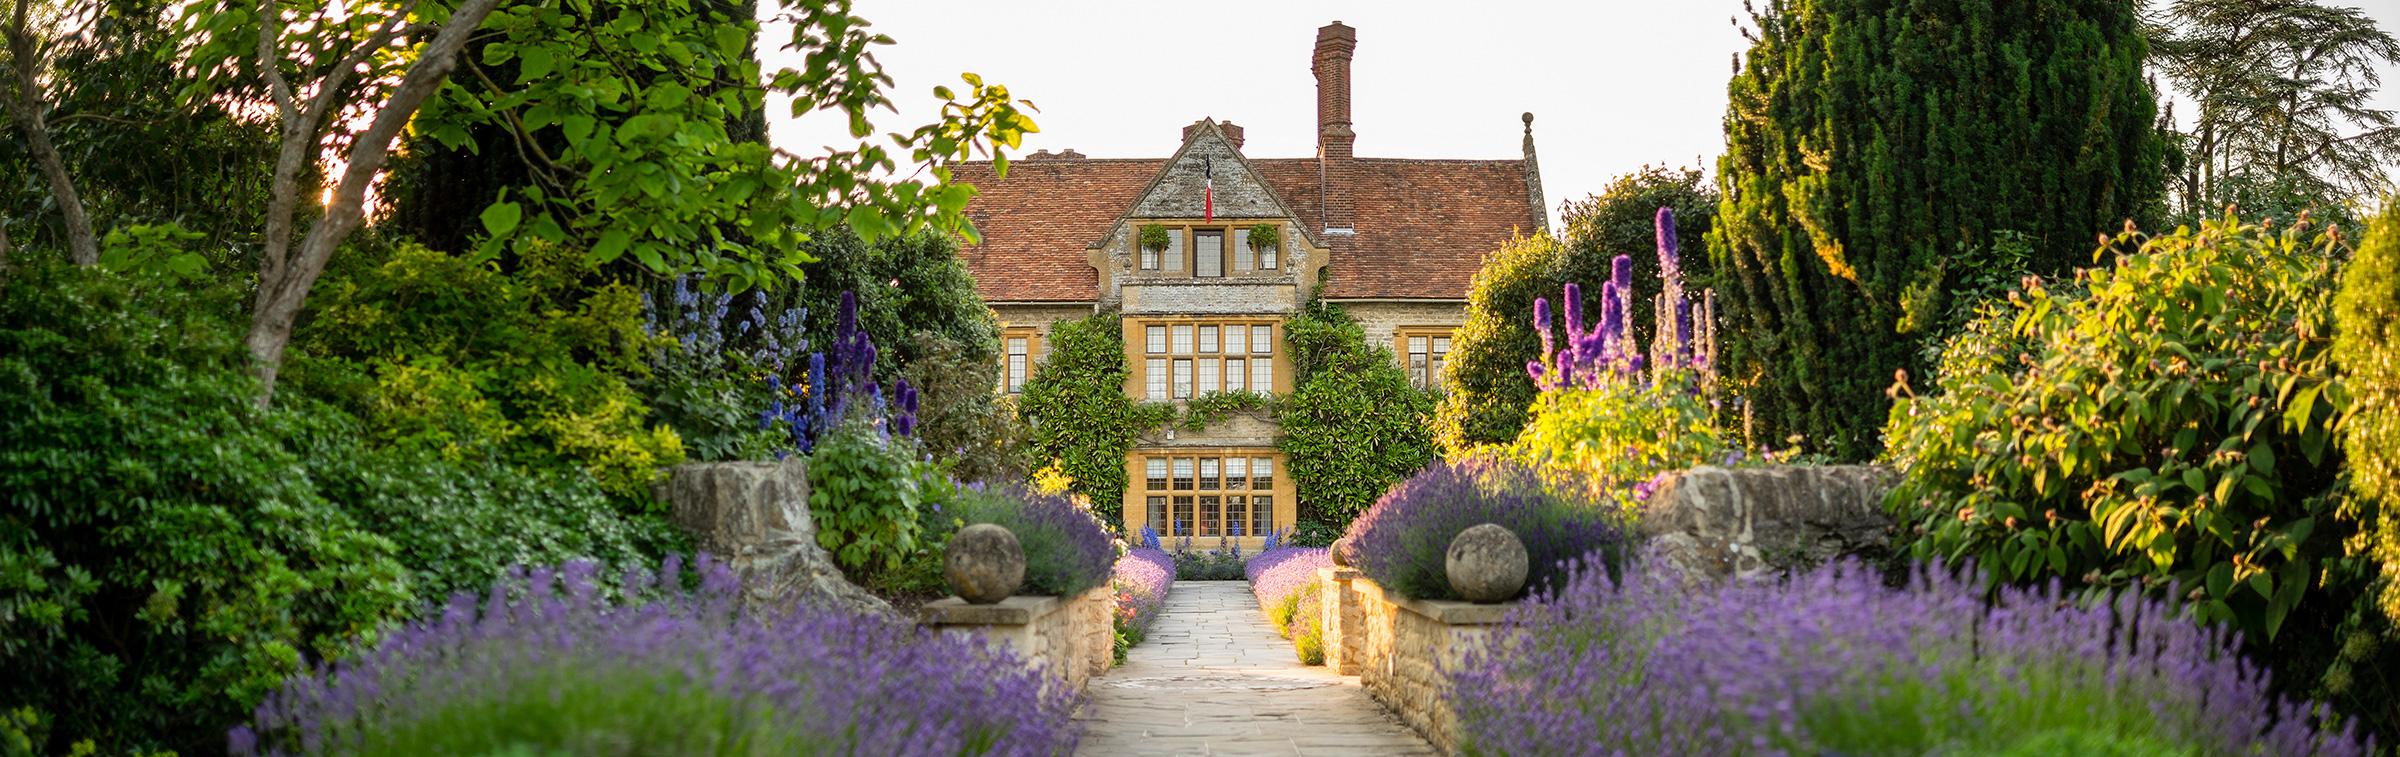 Belmond Le Manoir aux Quat'Saisons is set among beautiful gardens